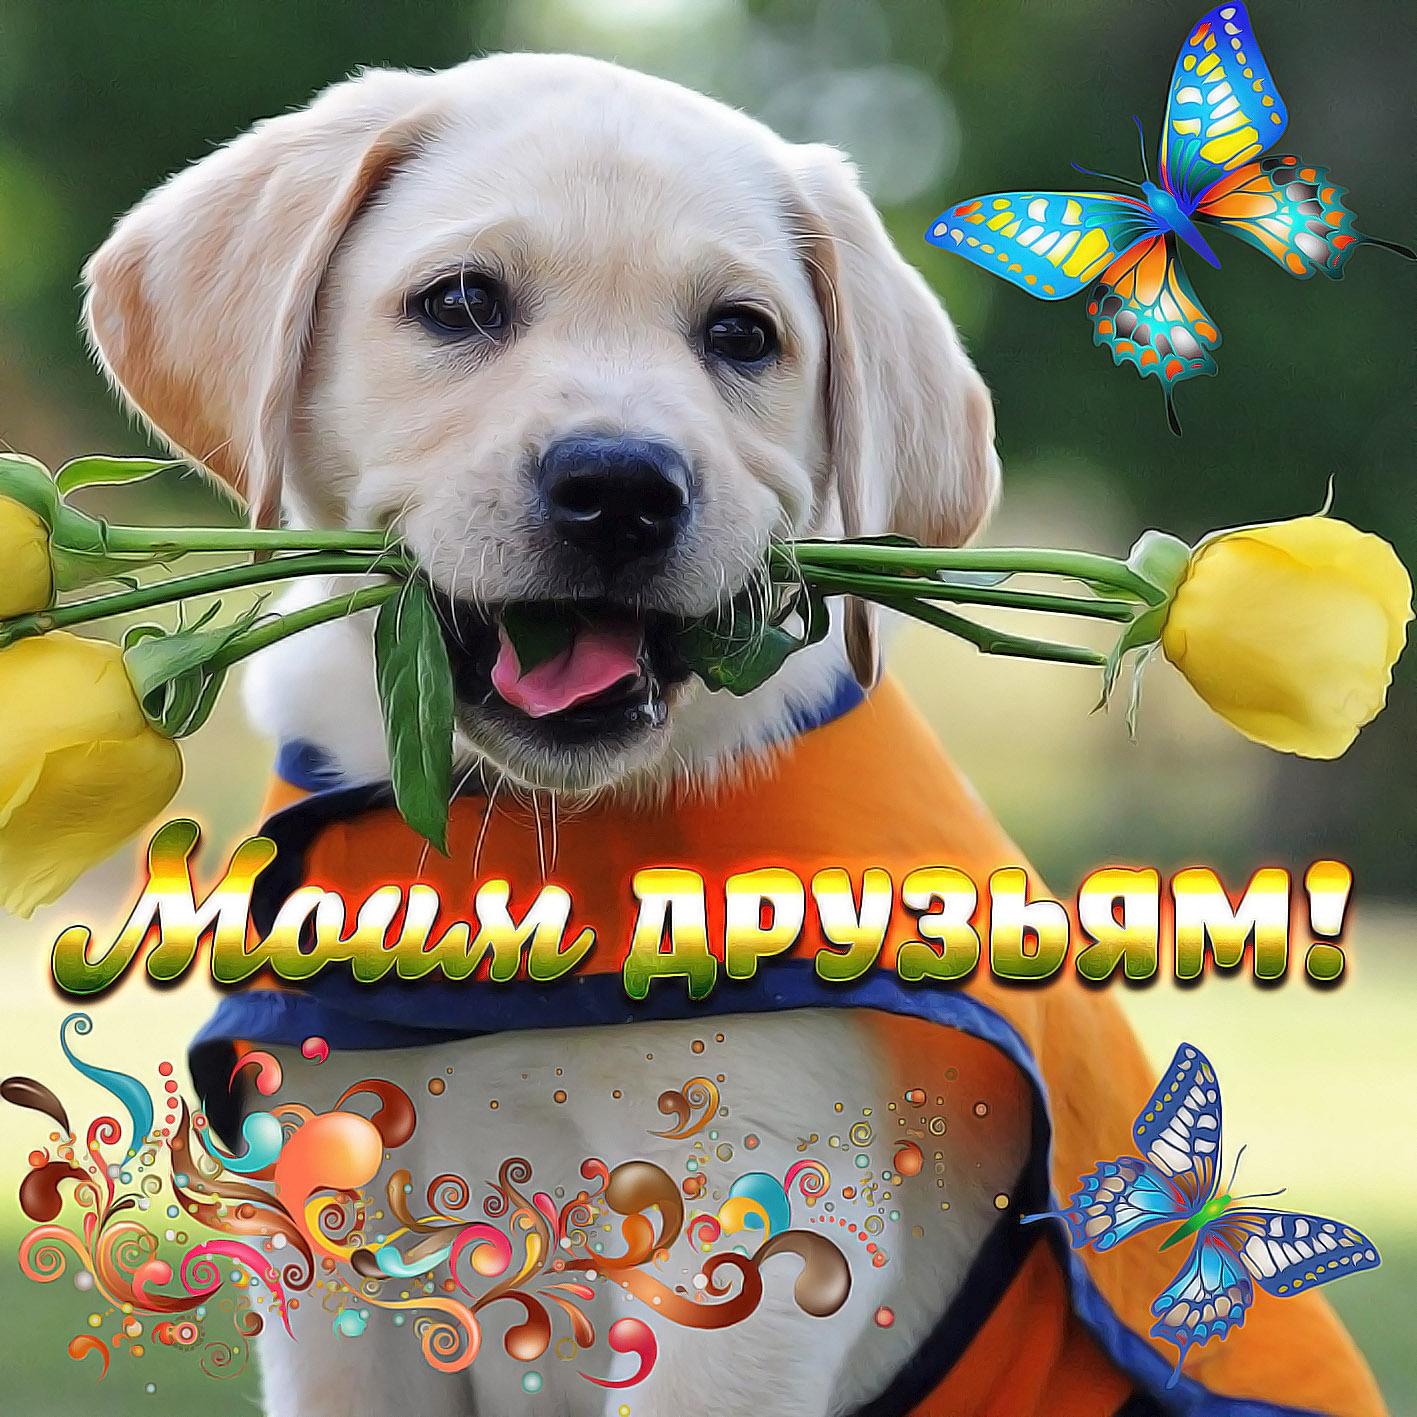 Днем рождения, открытка с собакой для друга